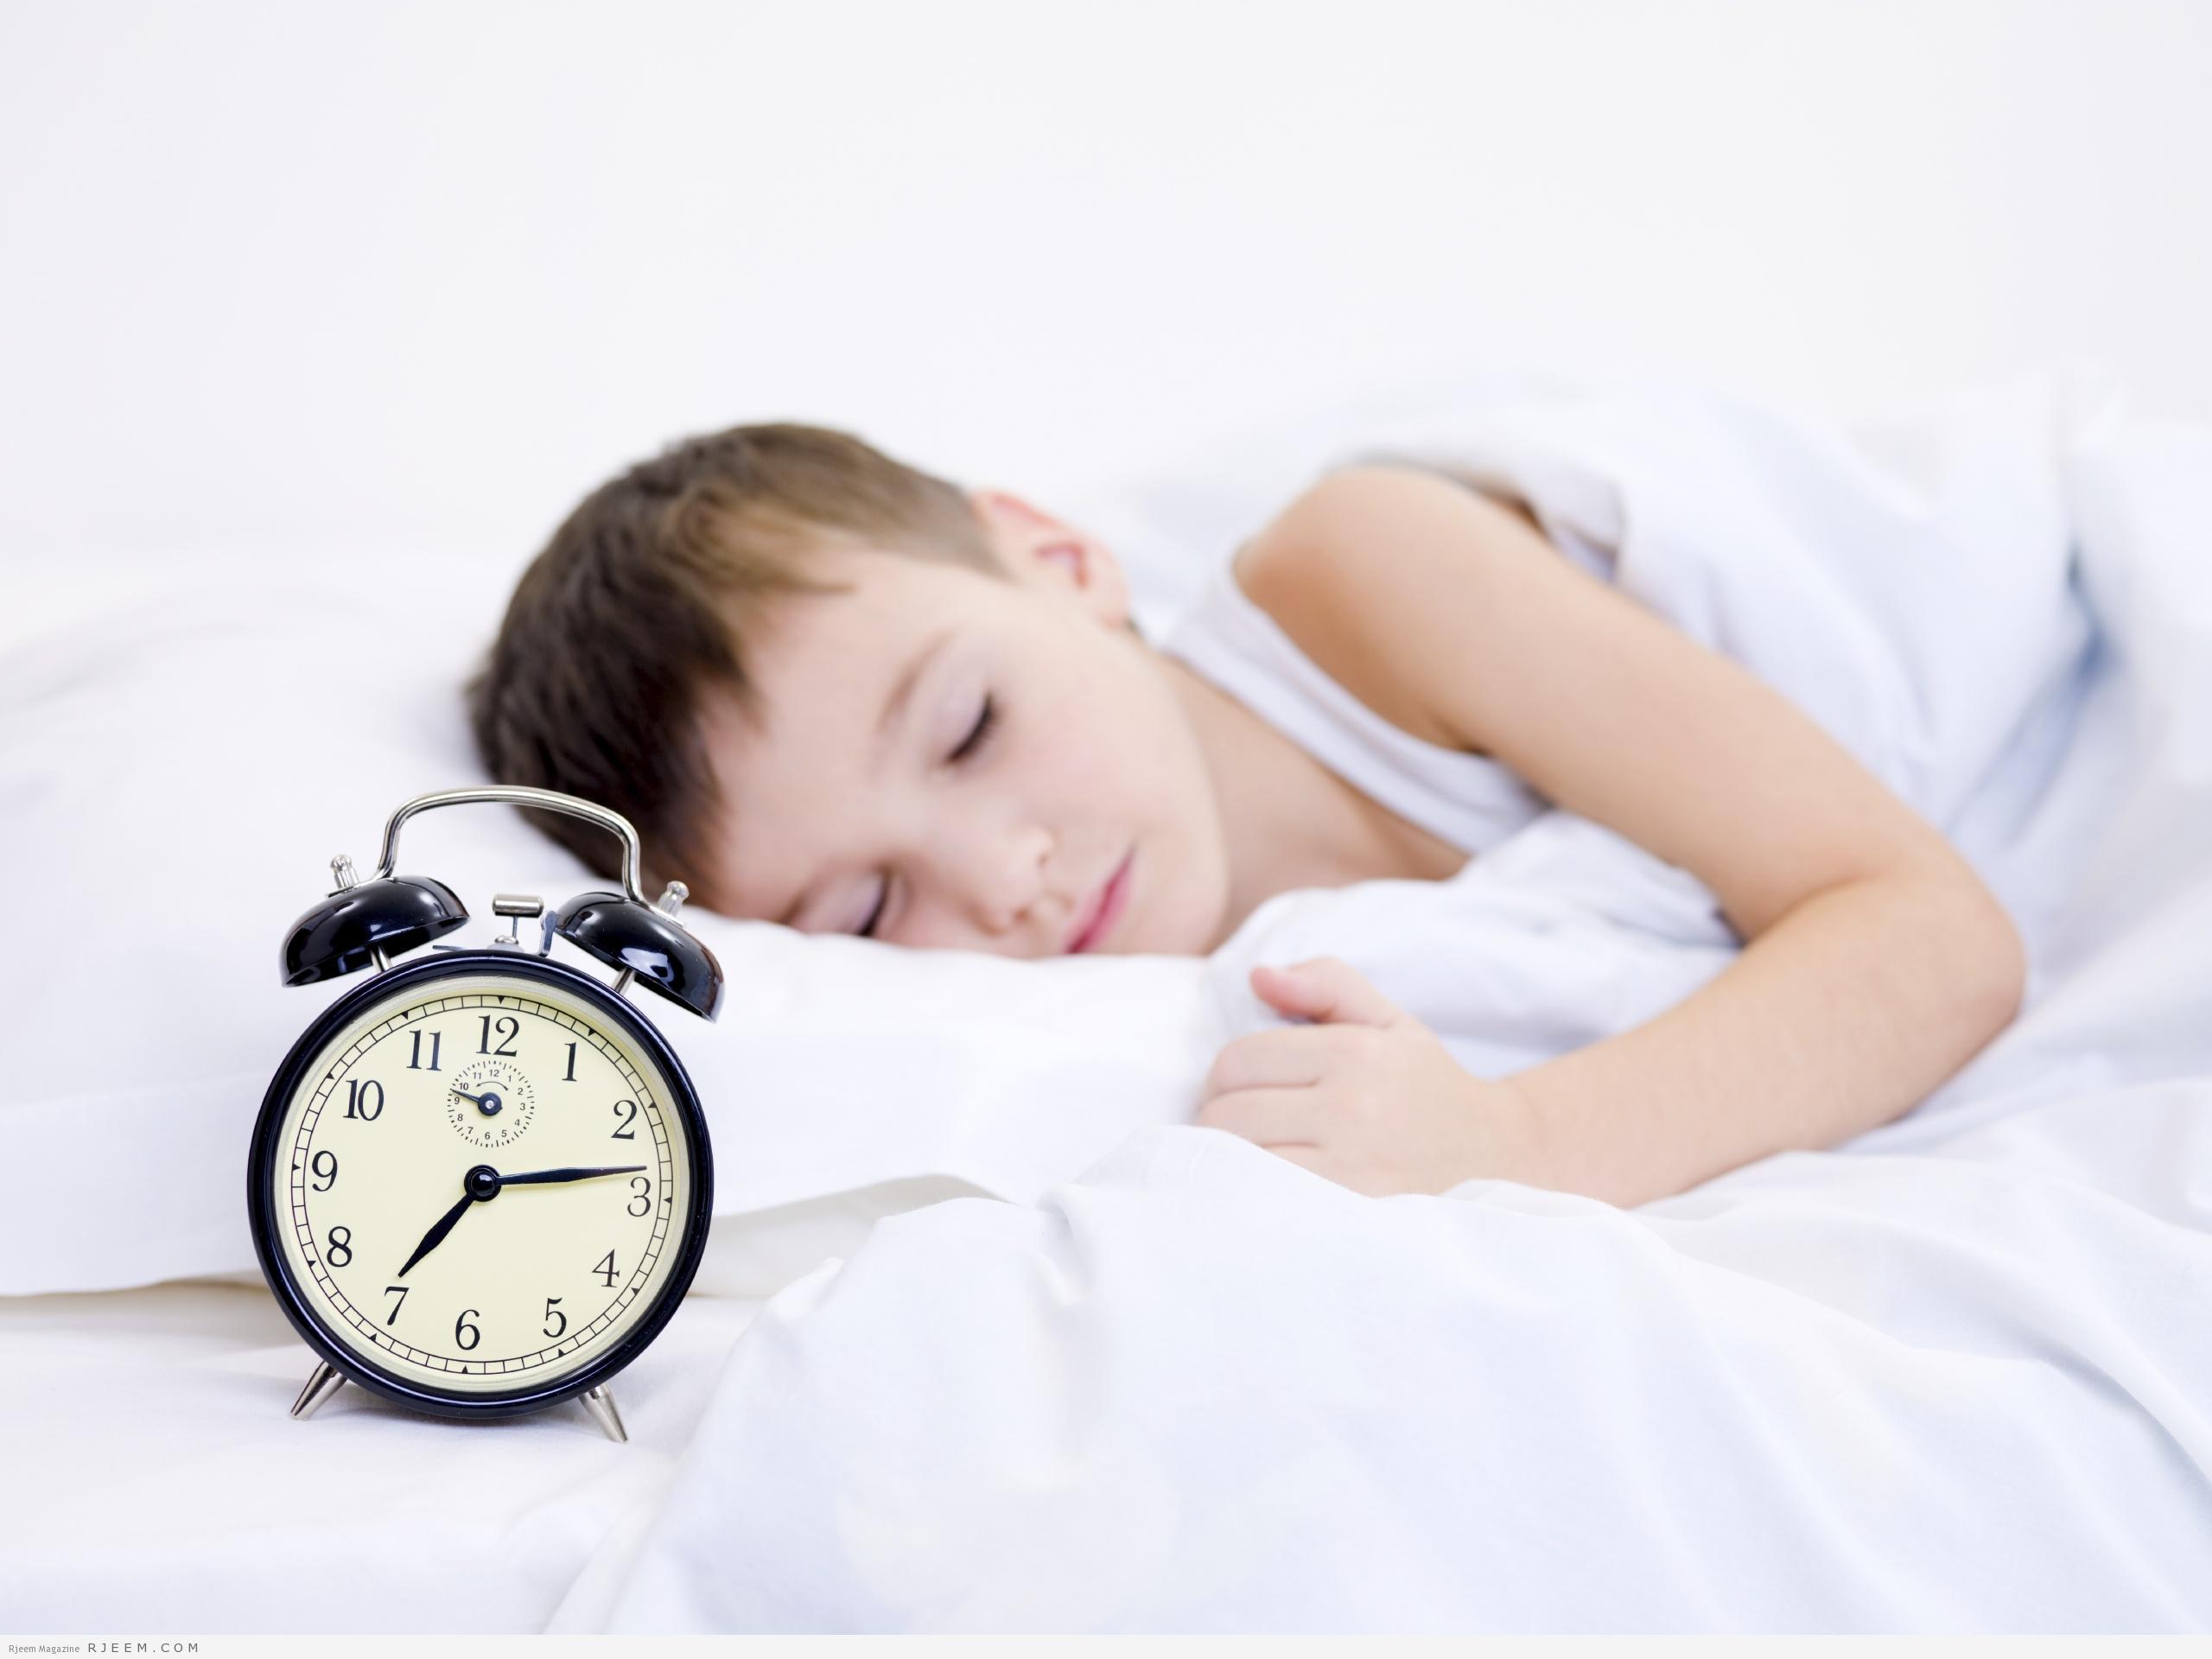 Alarm 8 Hours